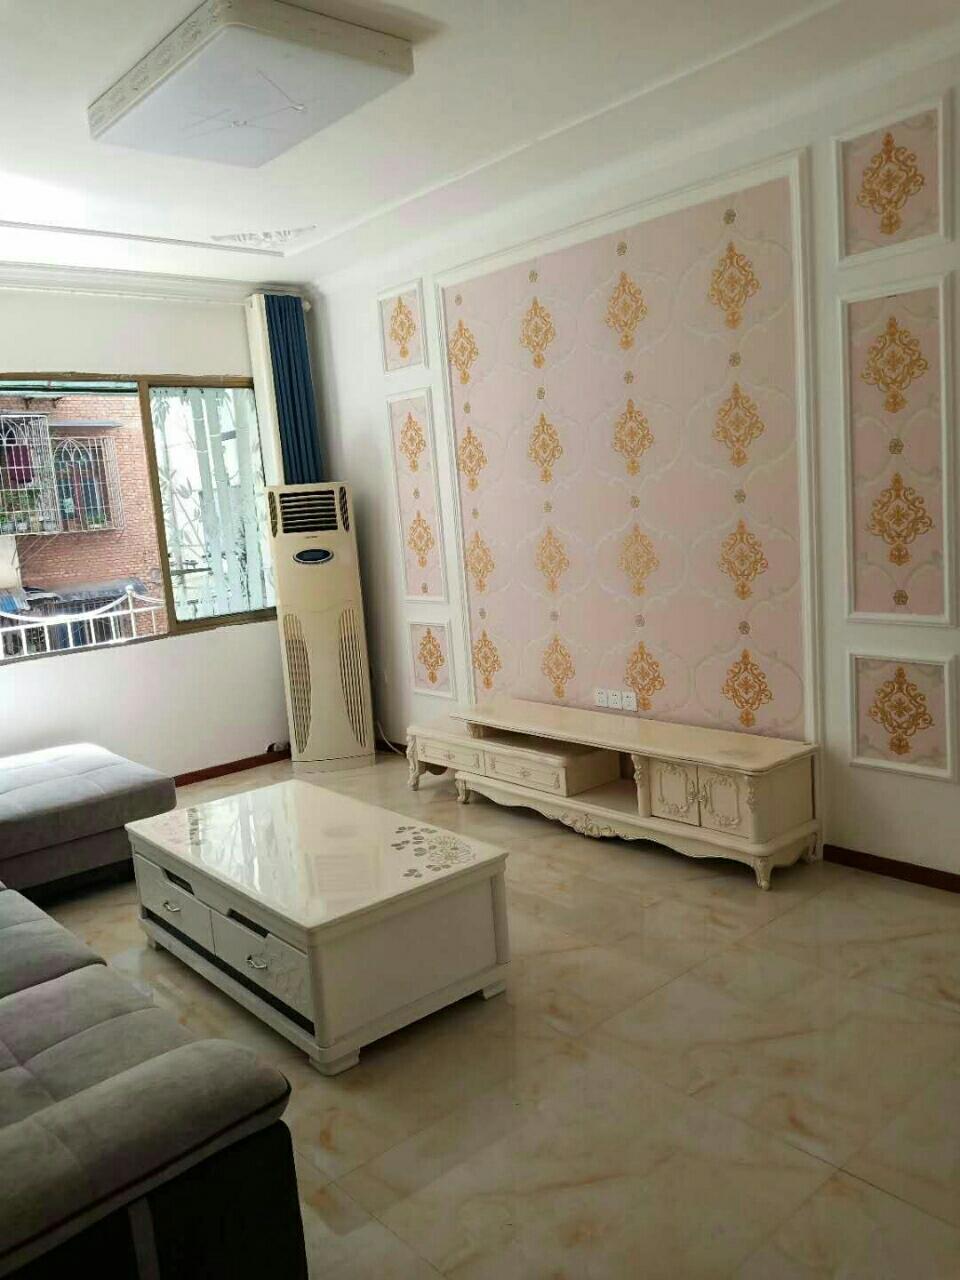 义园街3室 2厅 1卫42.8万元